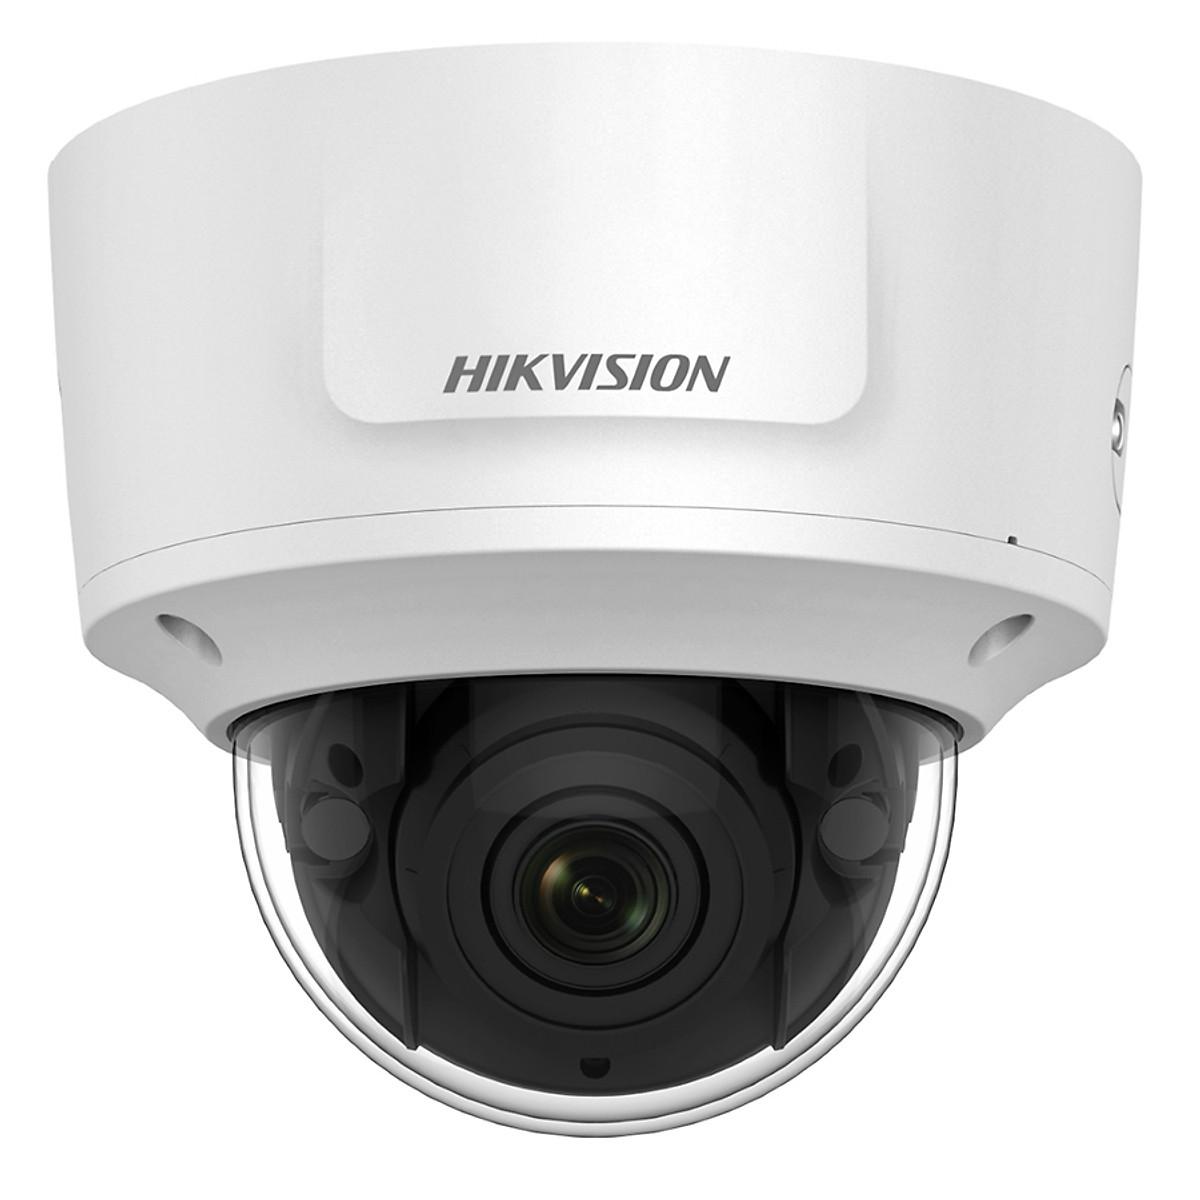 Camera IP Dome Hồng Ngoại Hikvision 30m Ngoài Trời 4MP Chuẩn Nén H.265+ DS-2CD2143G0-I – Hàng Nhập khẩu